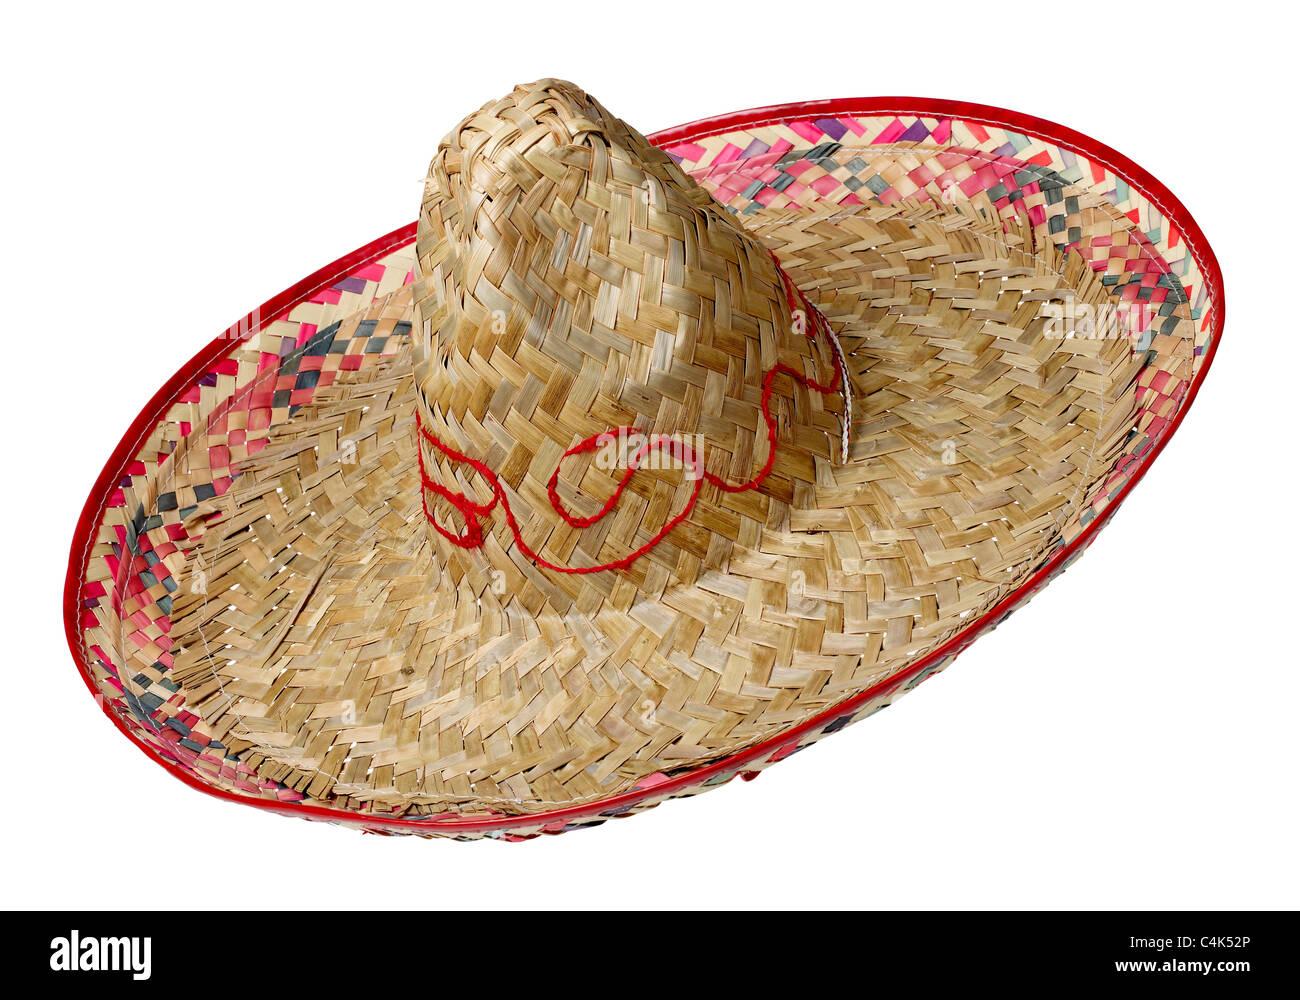 Sombrero straw hat - Stock Image